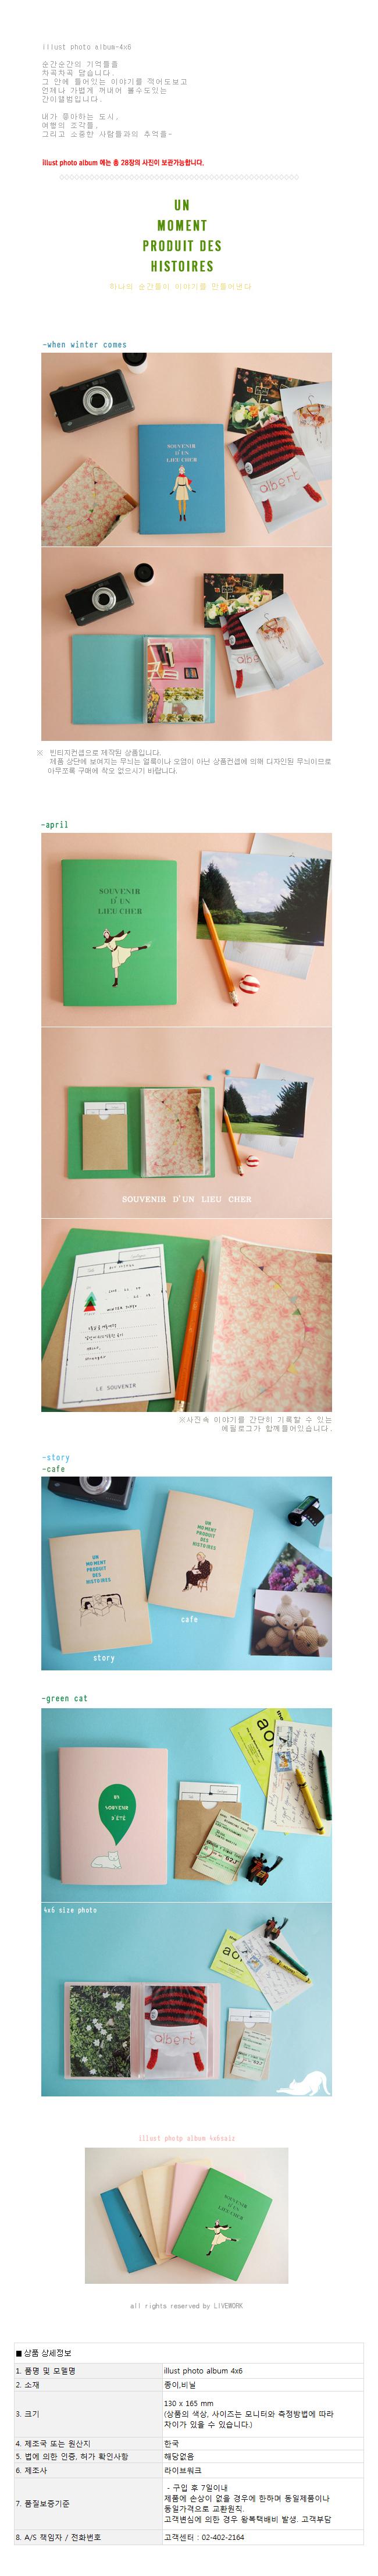 illust photo album 4x6